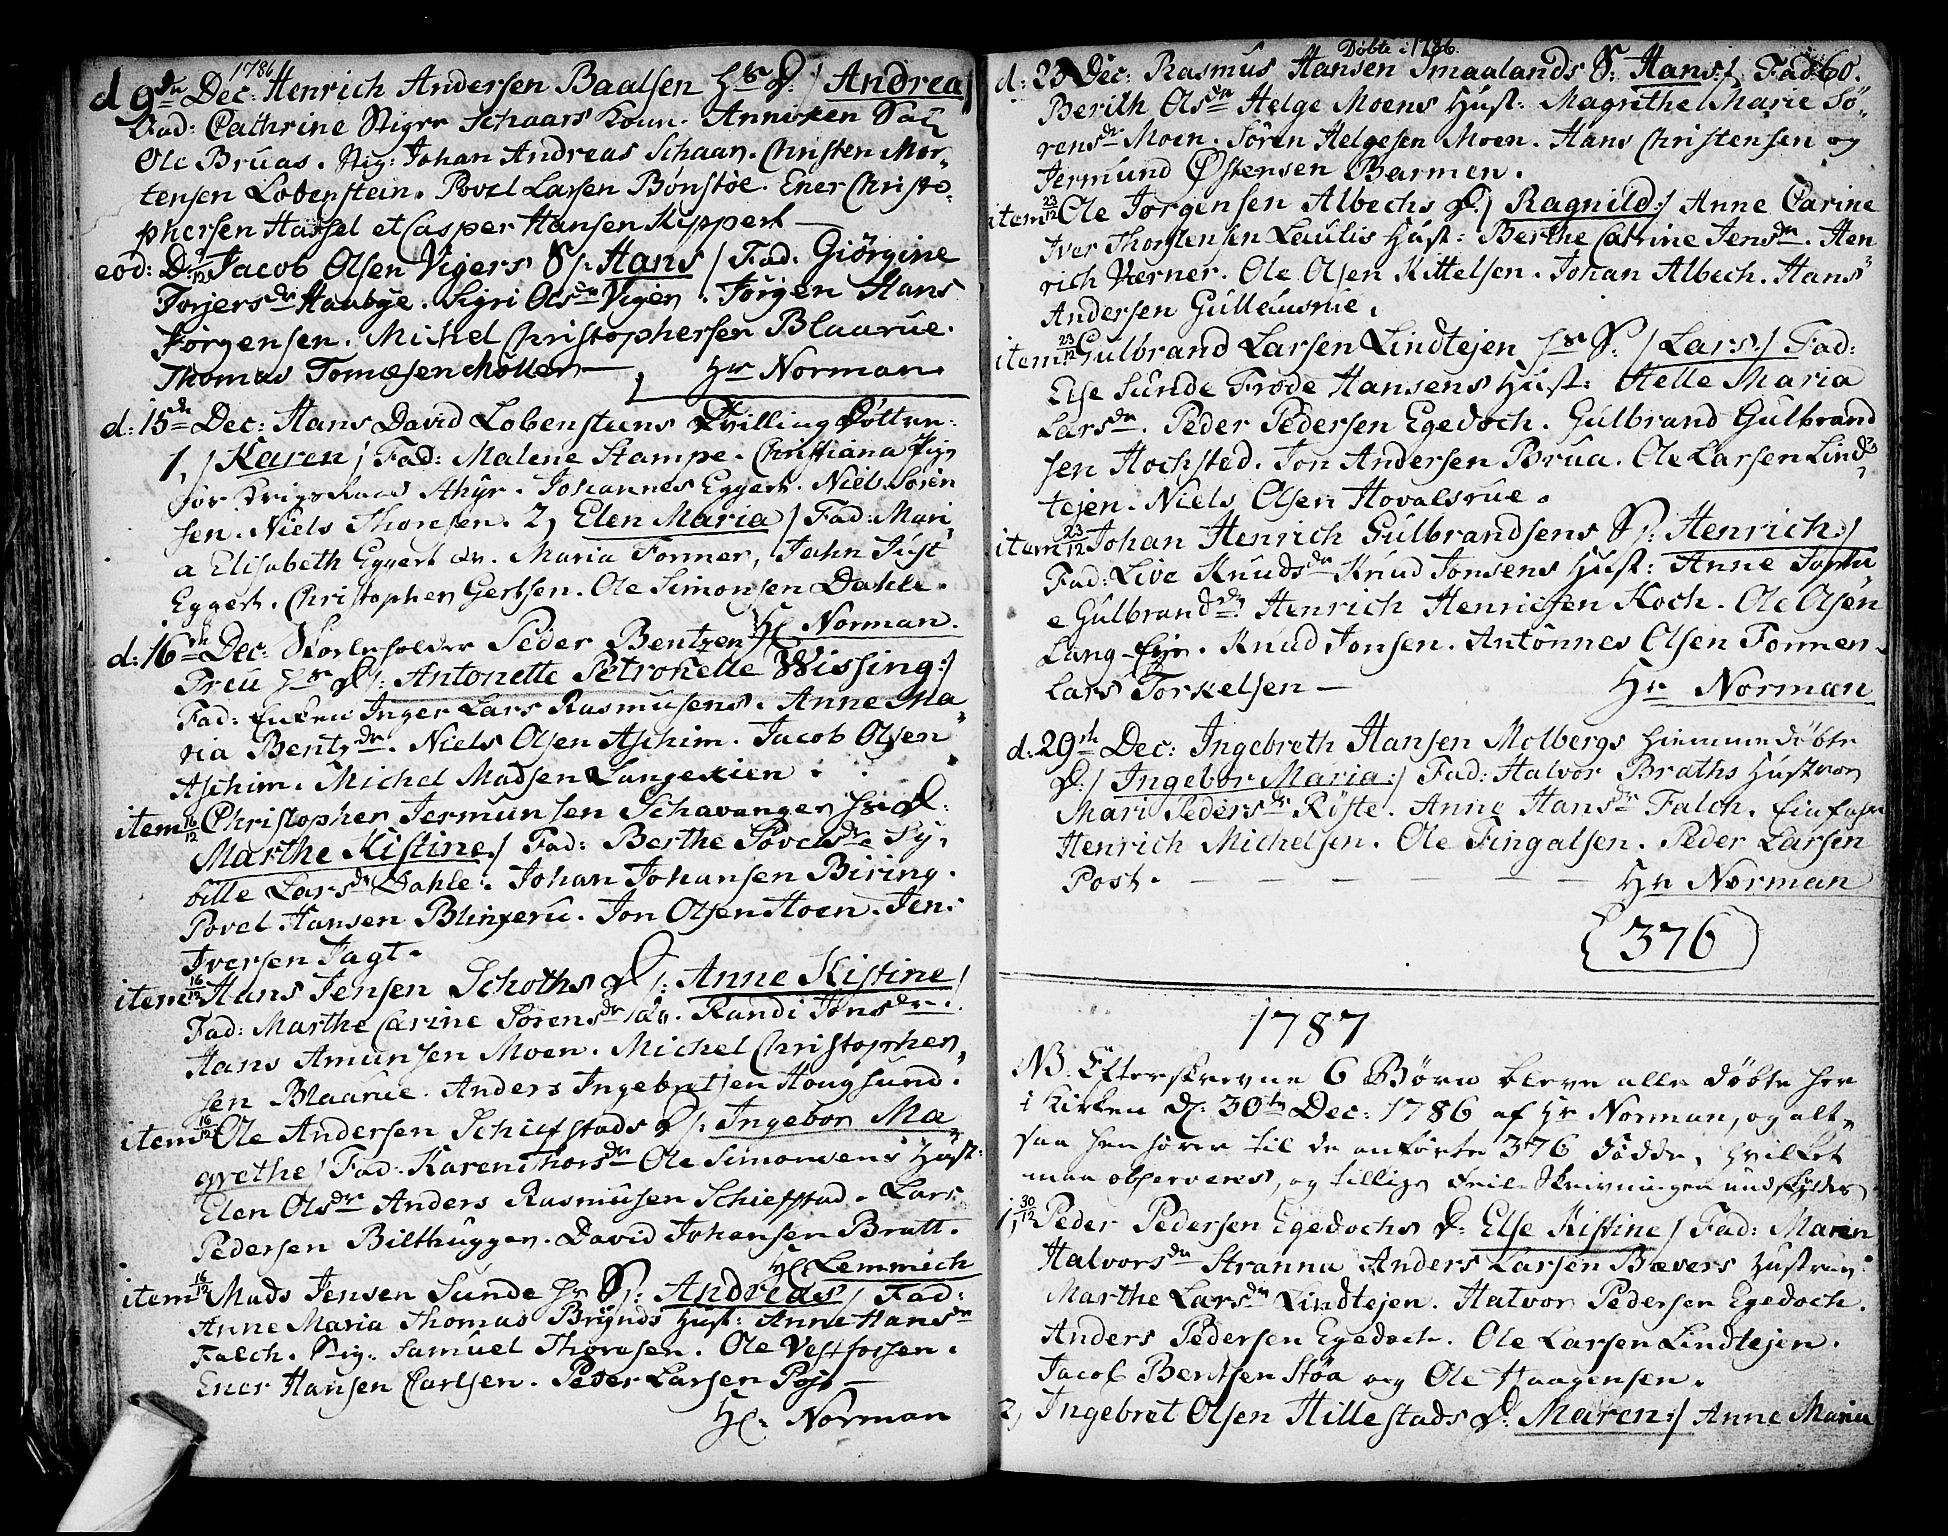 SAKO, Kongsberg kirkebøker, F/Fa/L0006: Ministerialbok nr. I 6, 1783-1797, s. 60